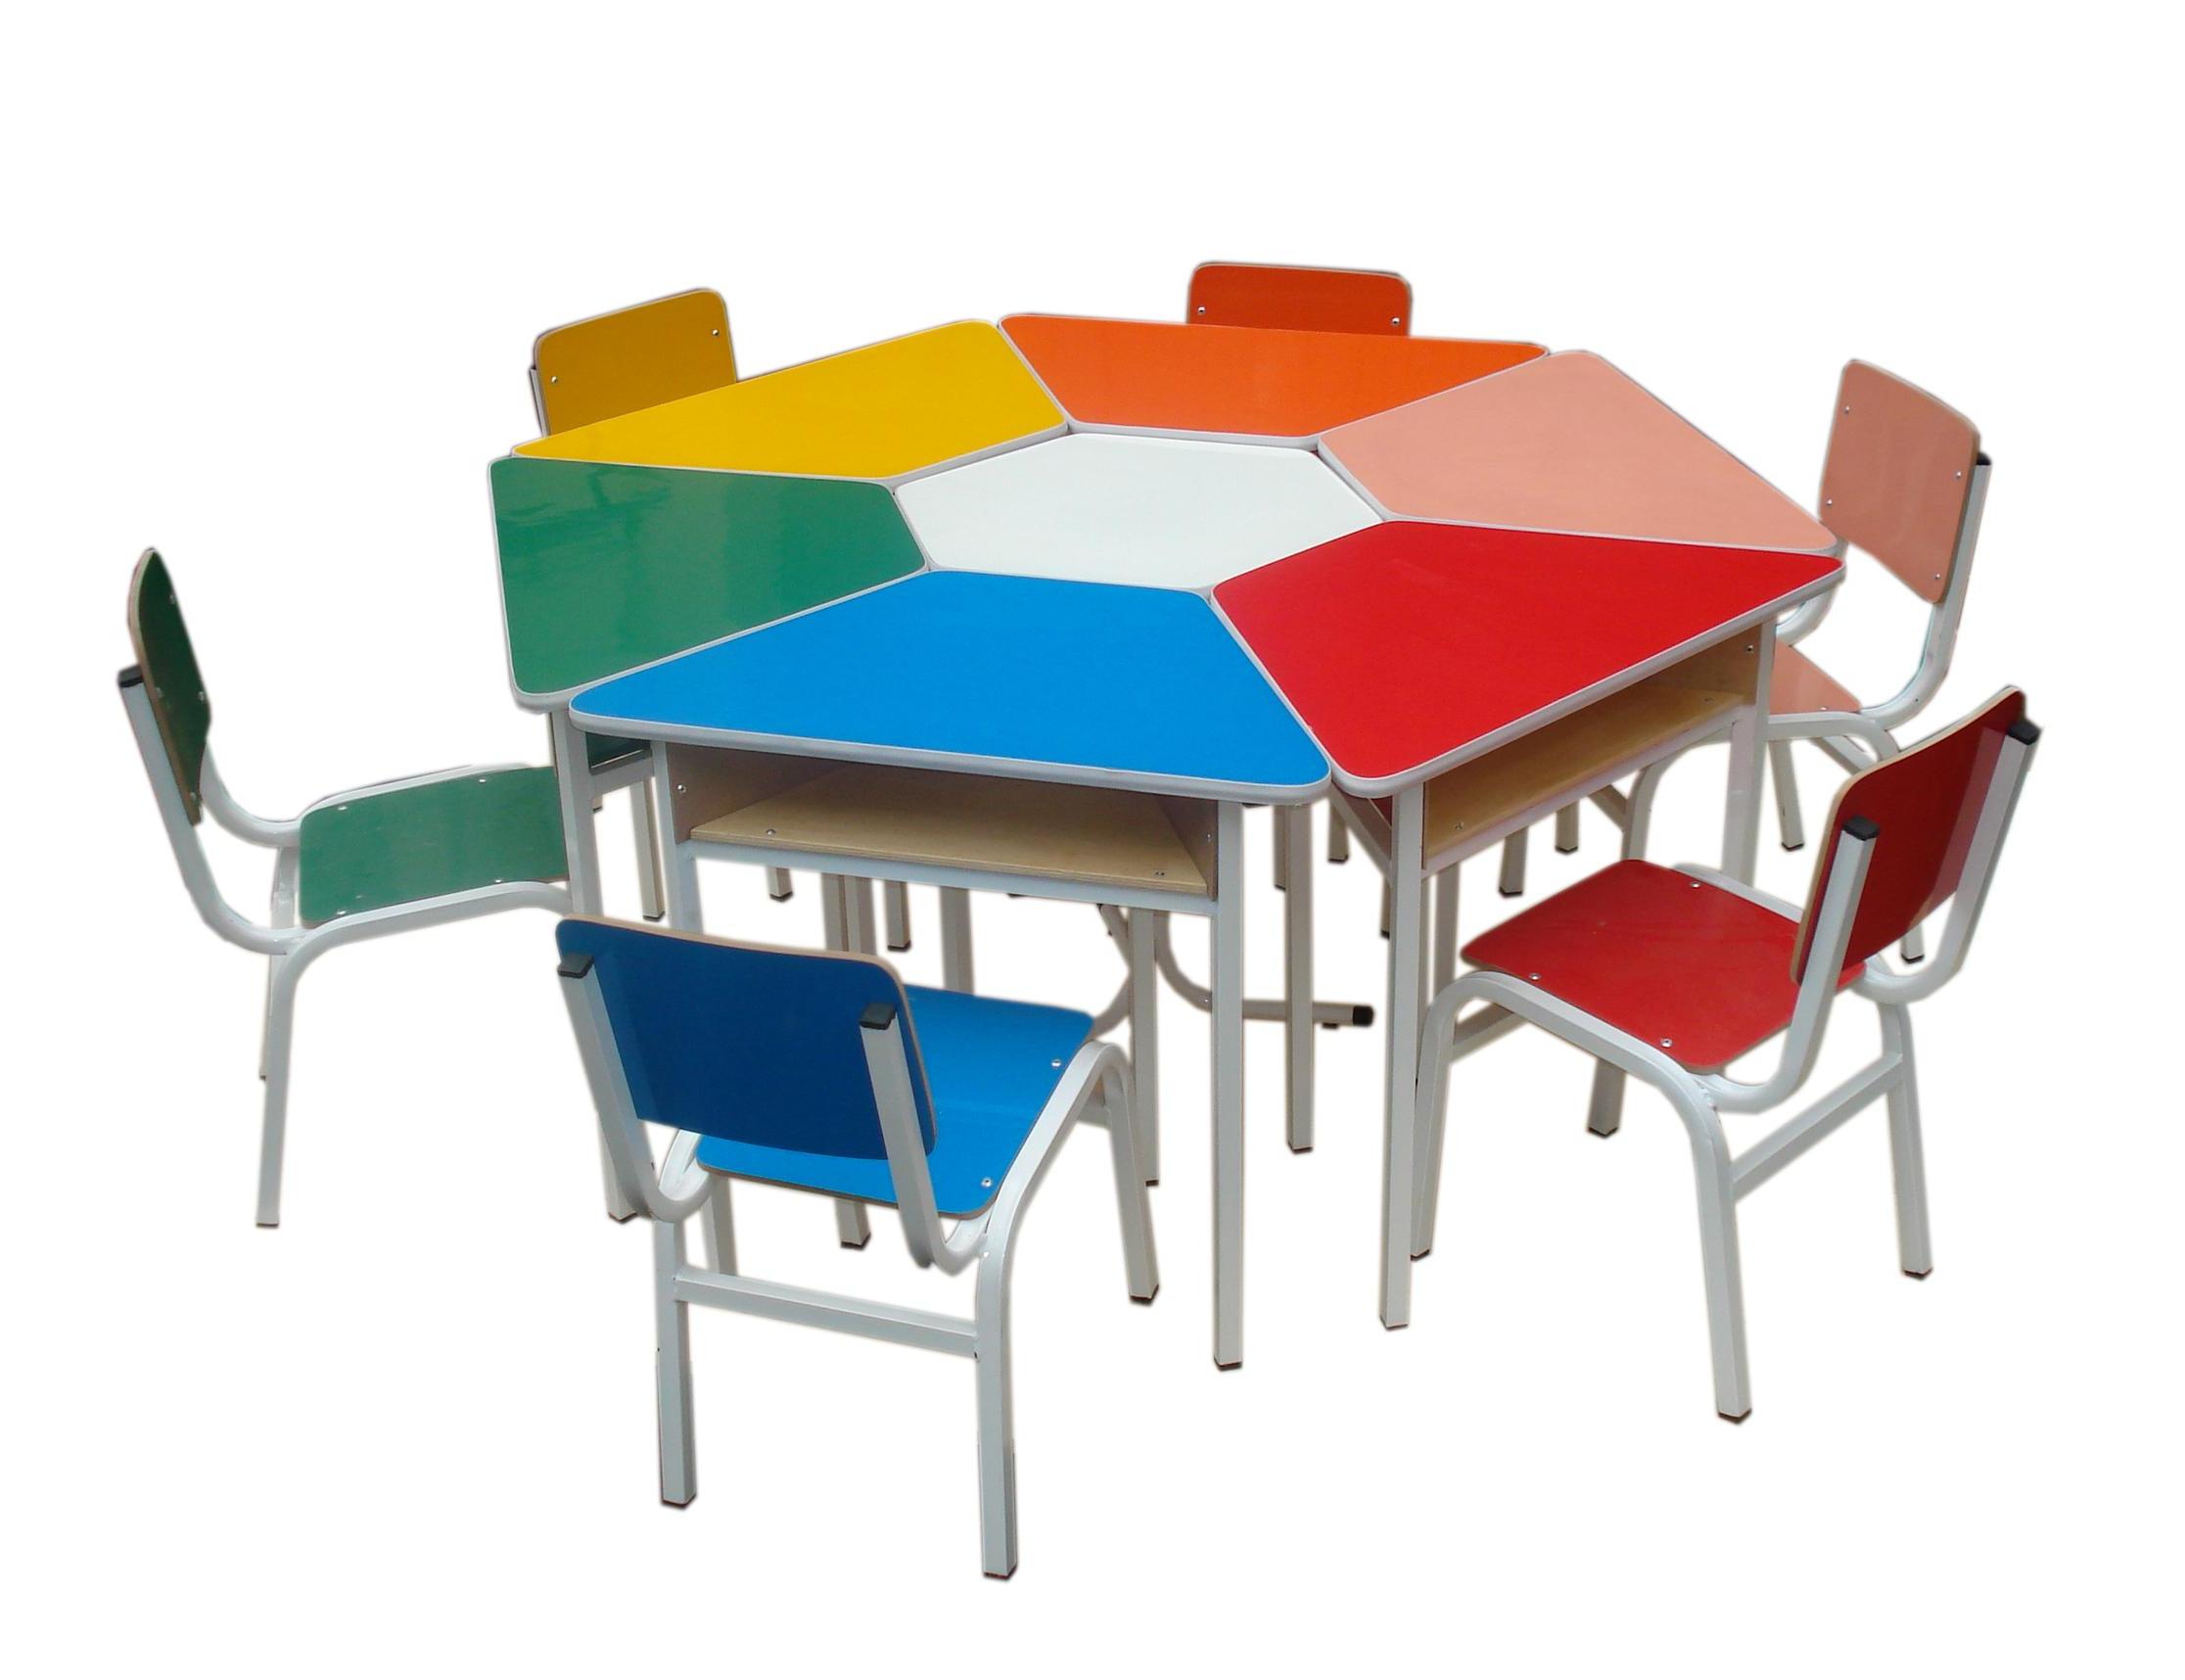 Mobiliario Escolar Infantil S1du Mobiliario Escolar Infantil Silla Escuela Puebla Segunda Mano